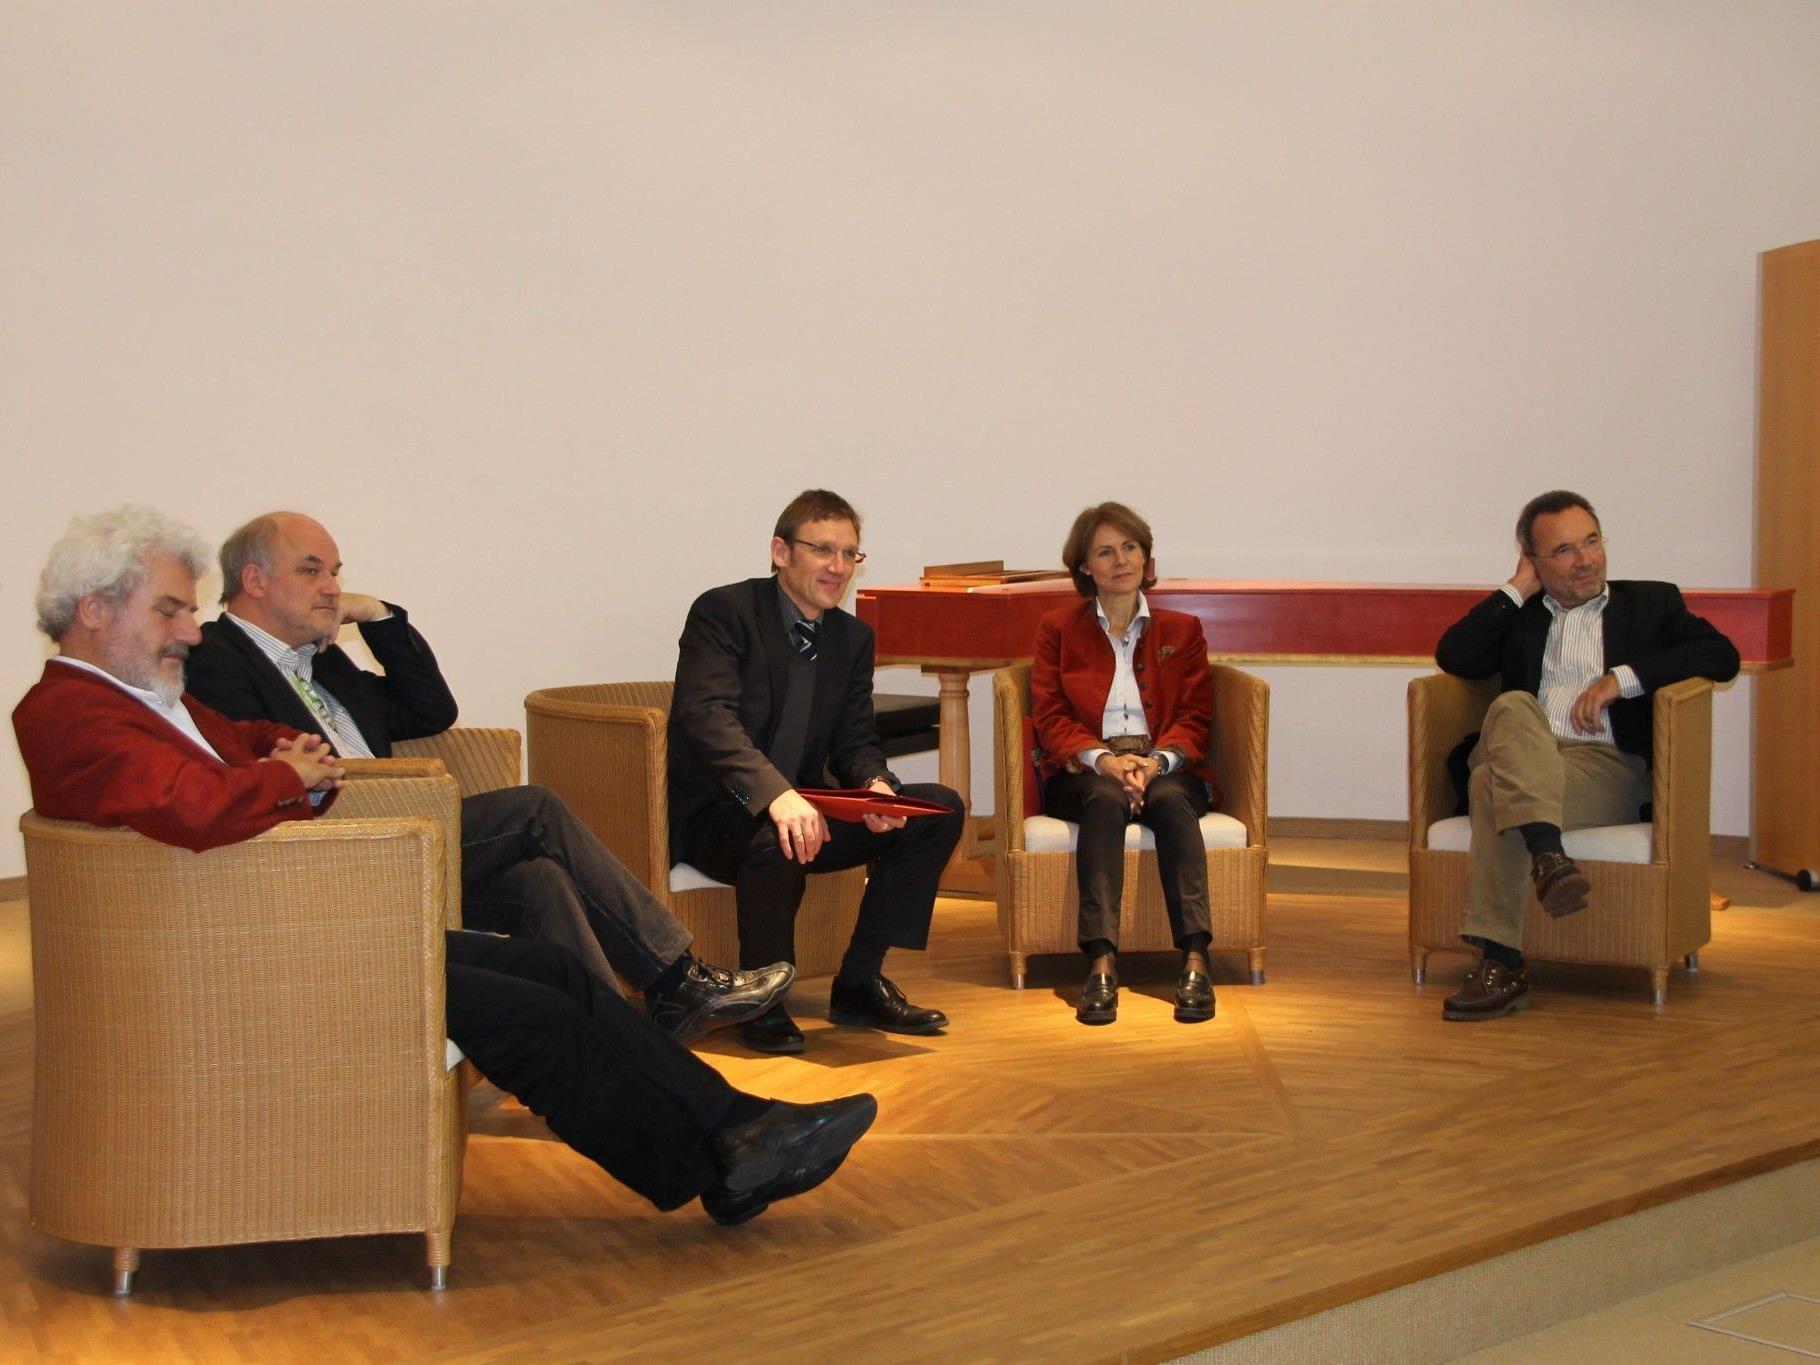 Lebhaftes Symposium zu 35 Jahren Landeskonservatorium.